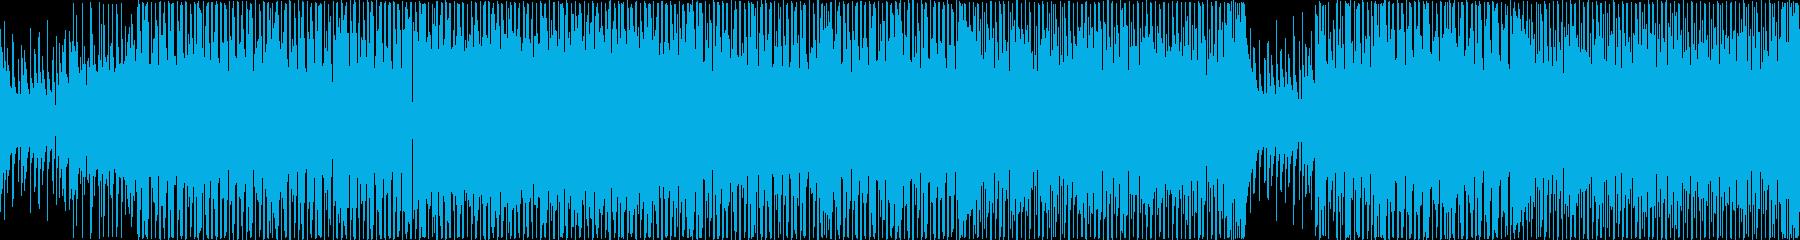 【ループ】海岸線をドライブするようなピアの再生済みの波形